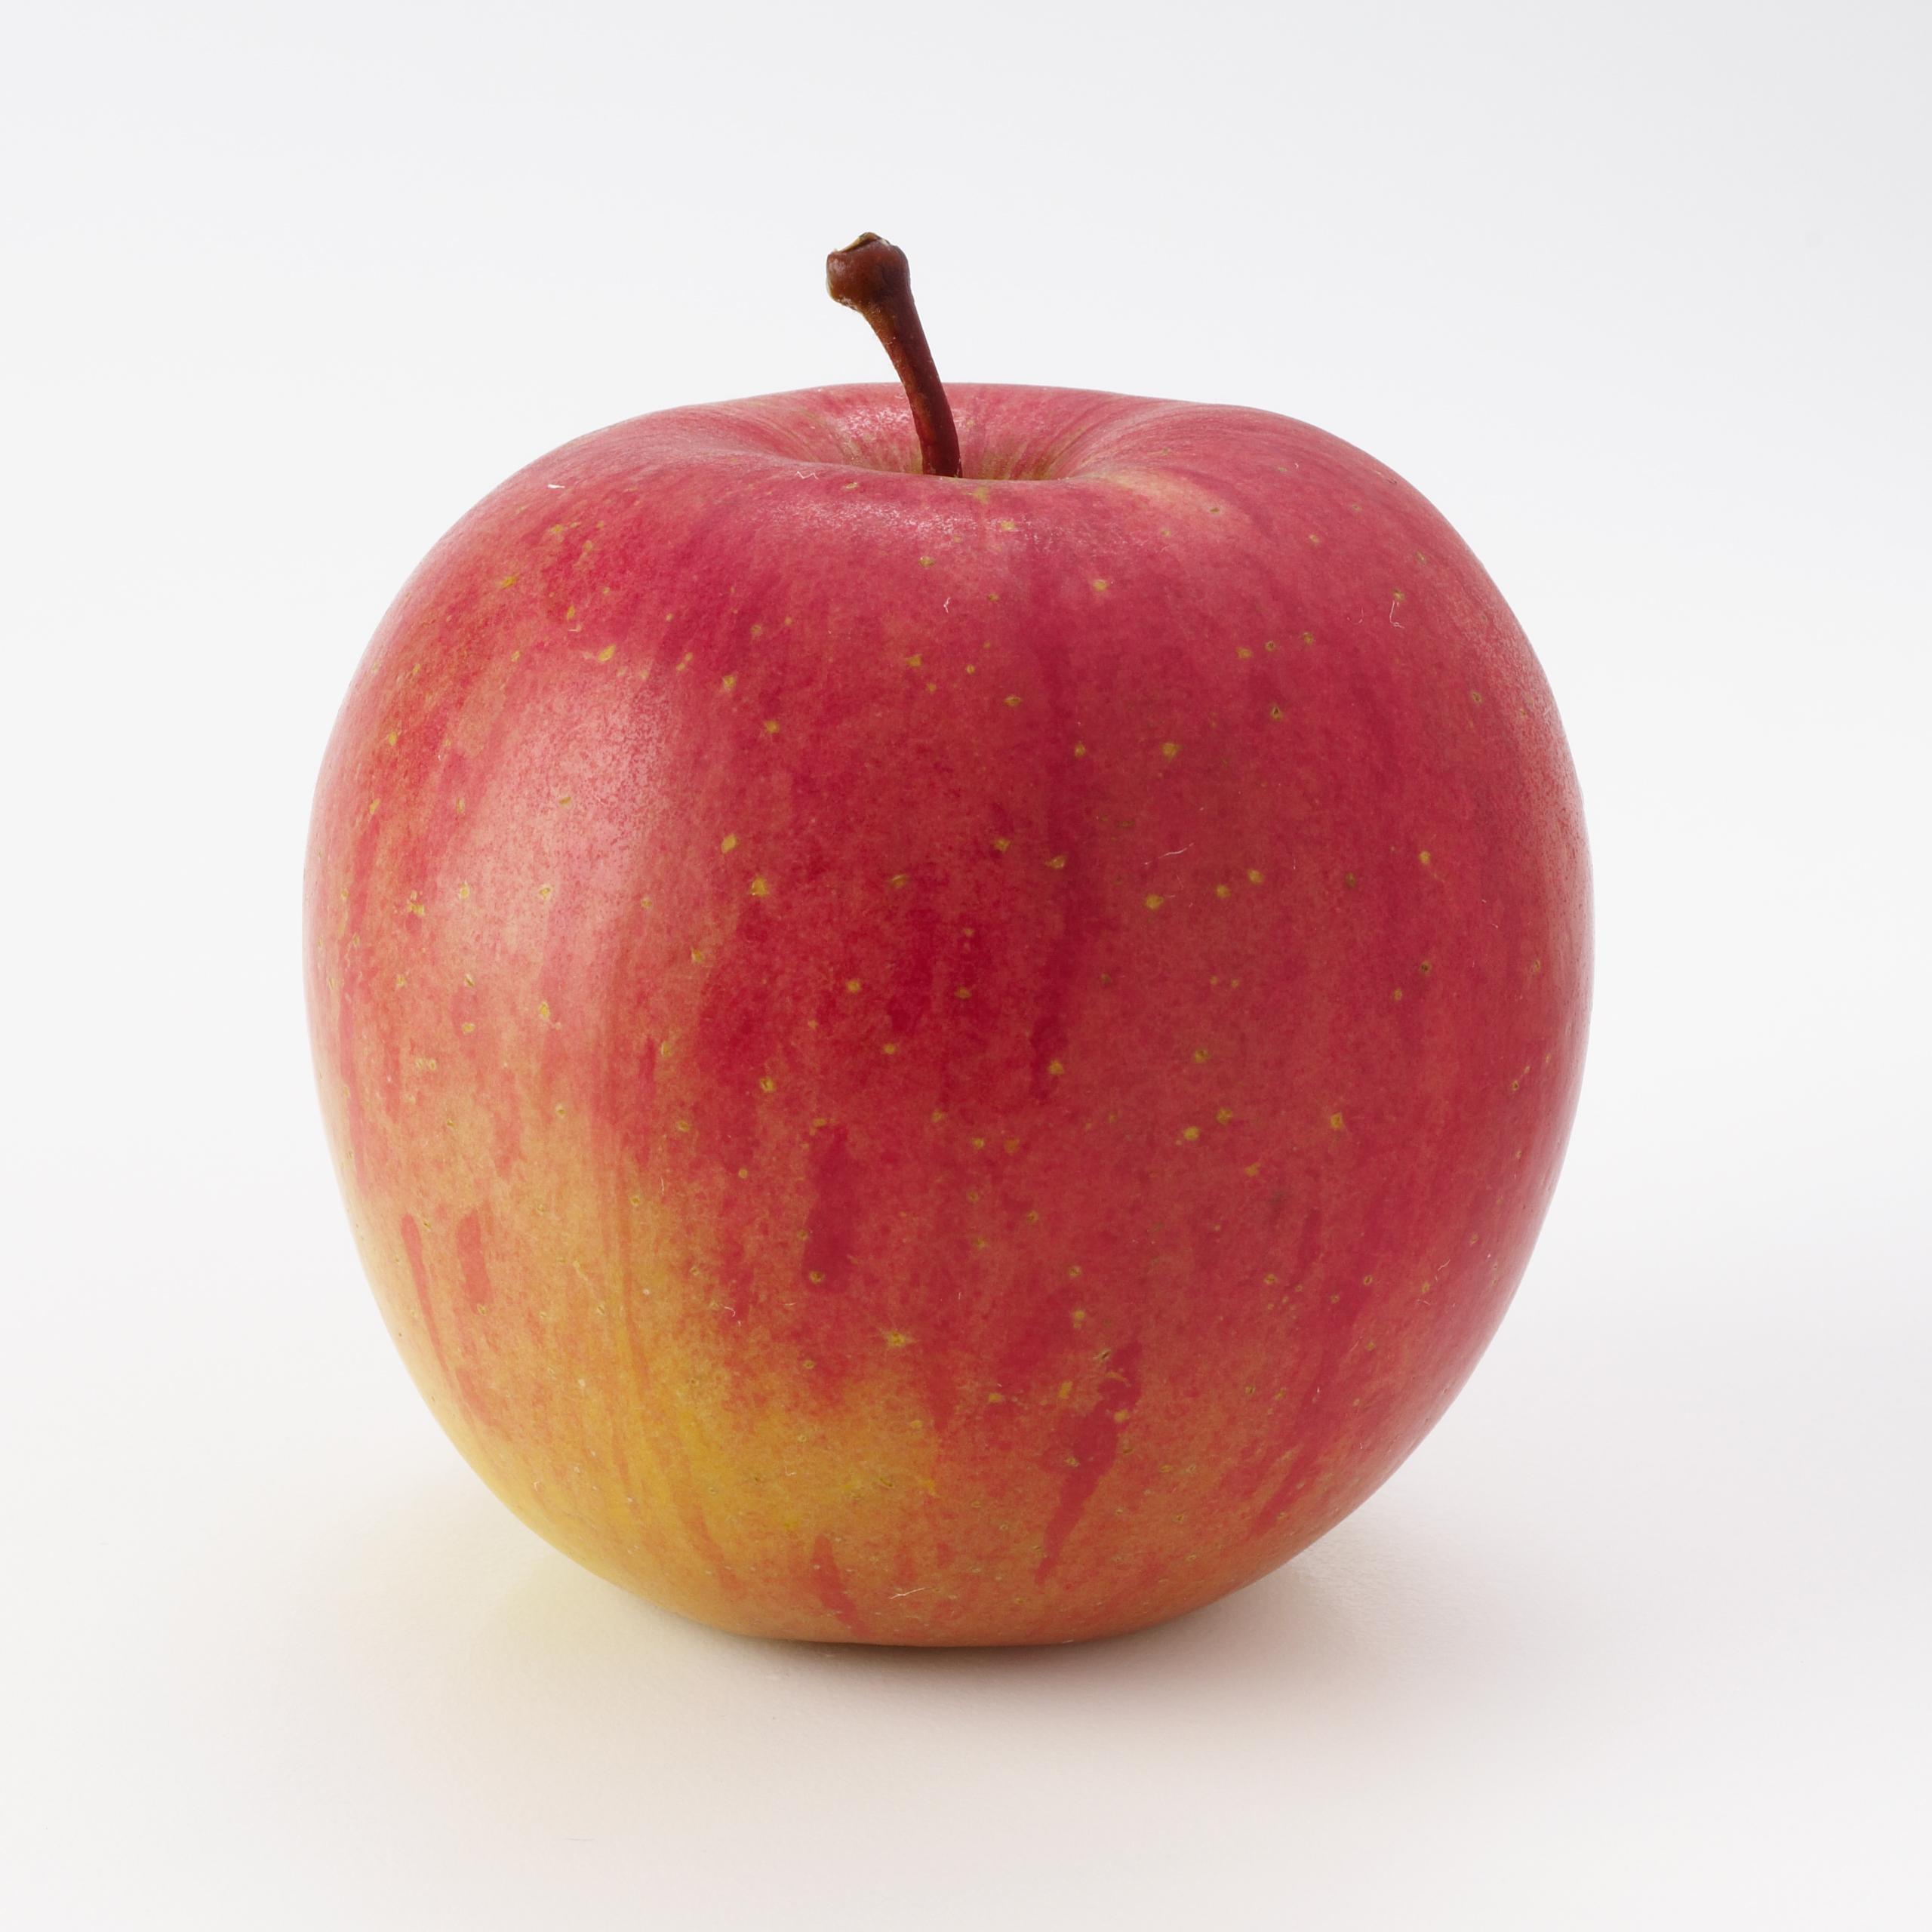 fuji apples louisiana fresh